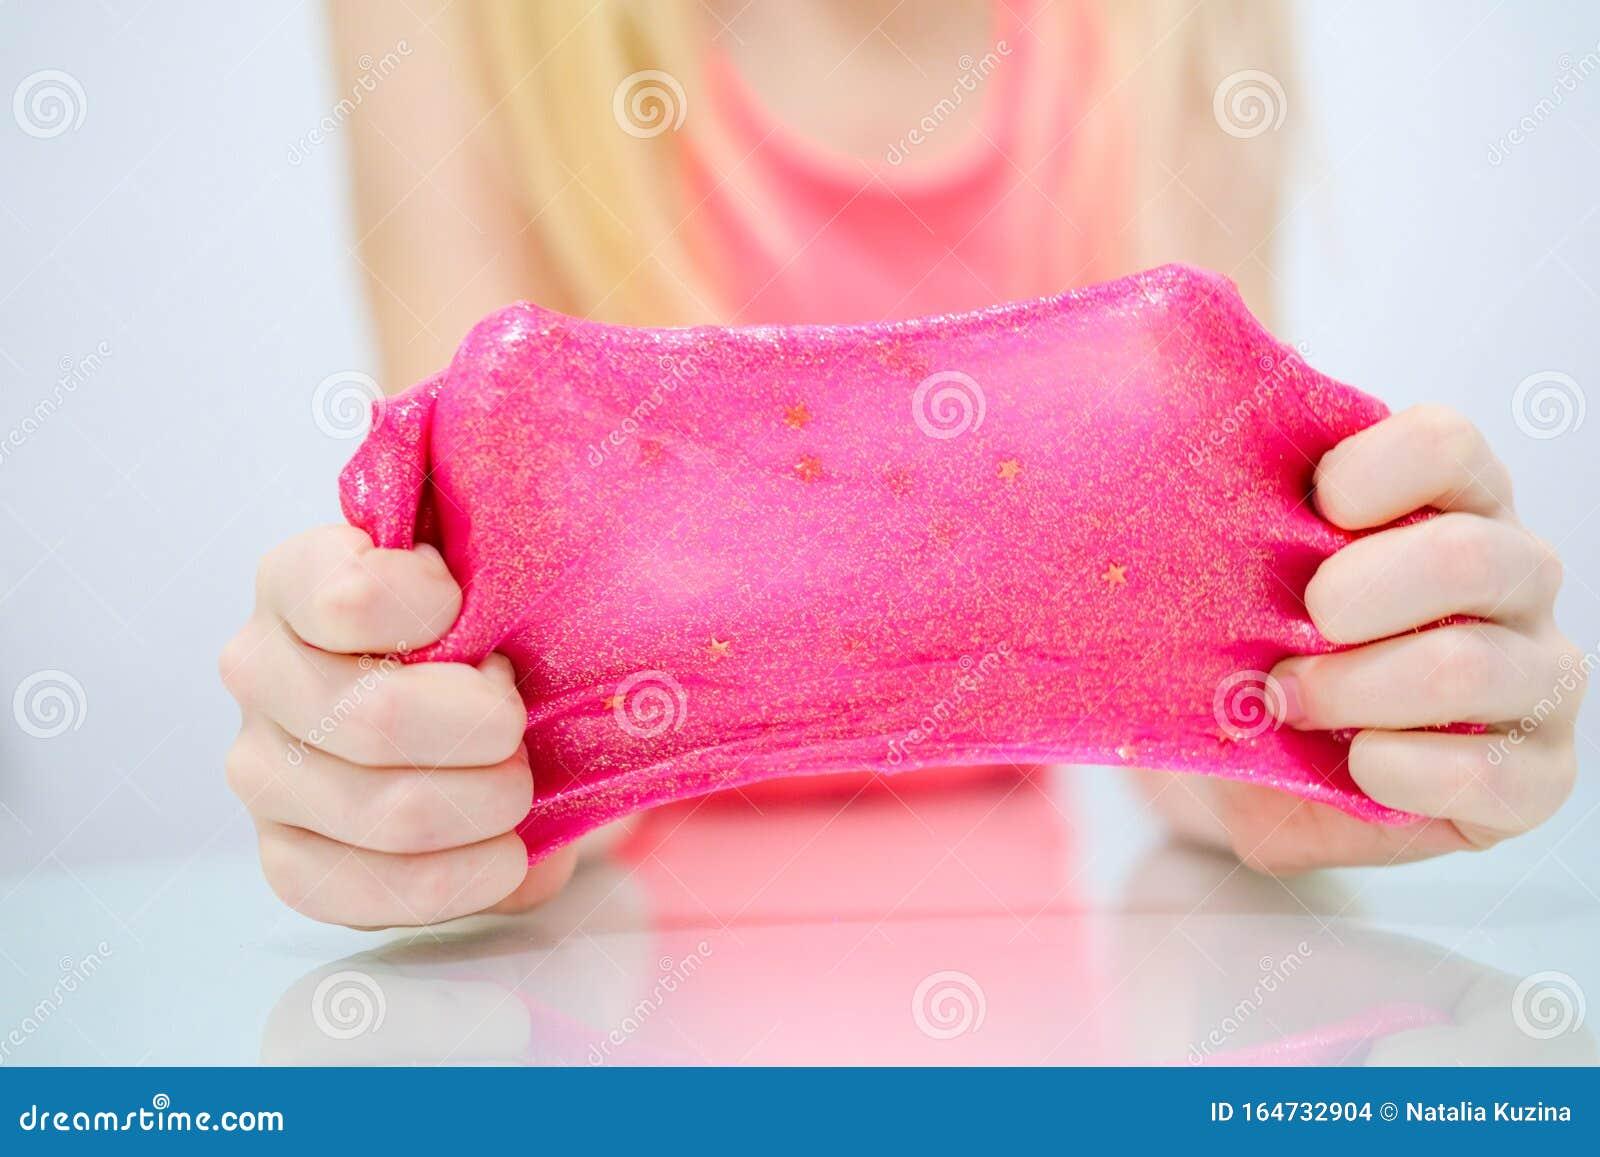 Молодая Красотка Играет С Розовой Игрушкой